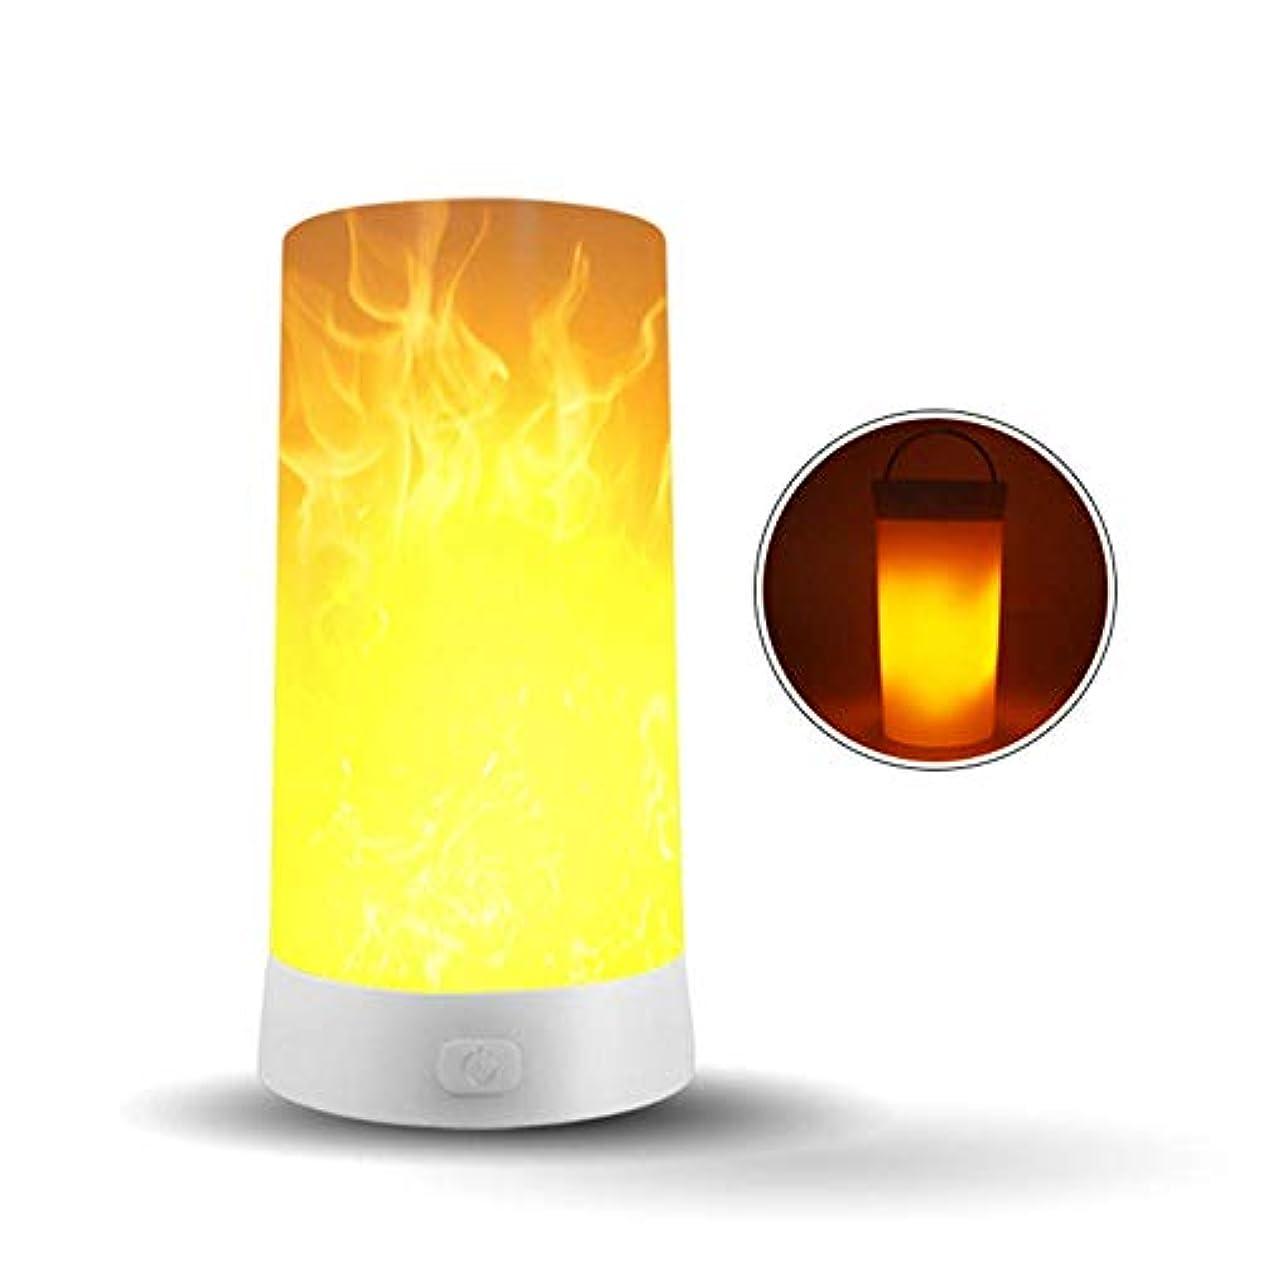 対処やりがいのある退却LEDフレームライト、屋内屋外LEDフレームエフェクトライト、逆さまの効果、充電式フレームランプ装飾ライトホームパーティーキャンプホテルバーのナイトライト led 炎 ledキャンドル 充電式 ledライト キャンドル...